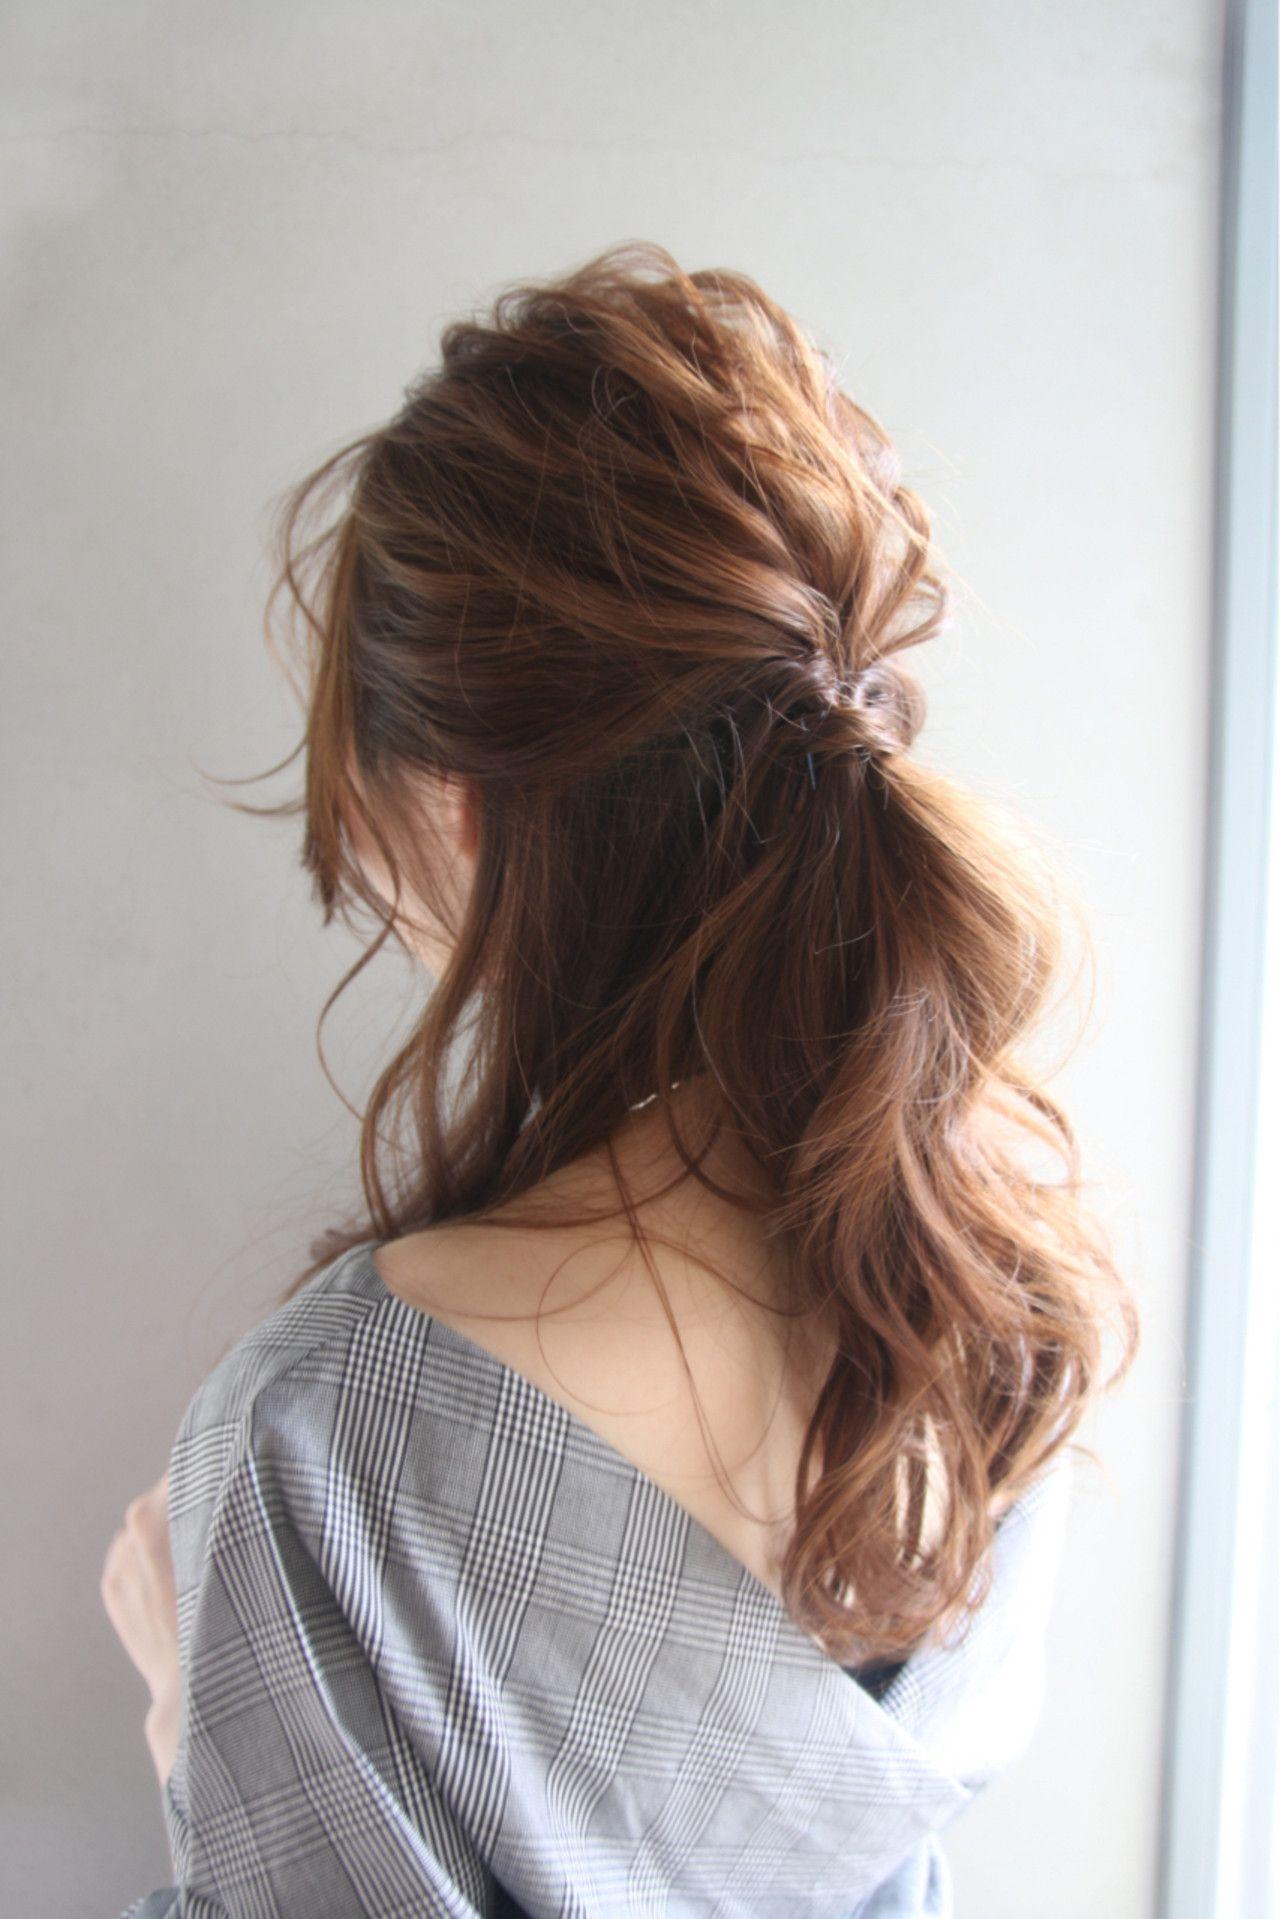 ハーフアップポニーテール ポニーテール ロング ヘアスタイリング まとめ髪 簡単 ロング